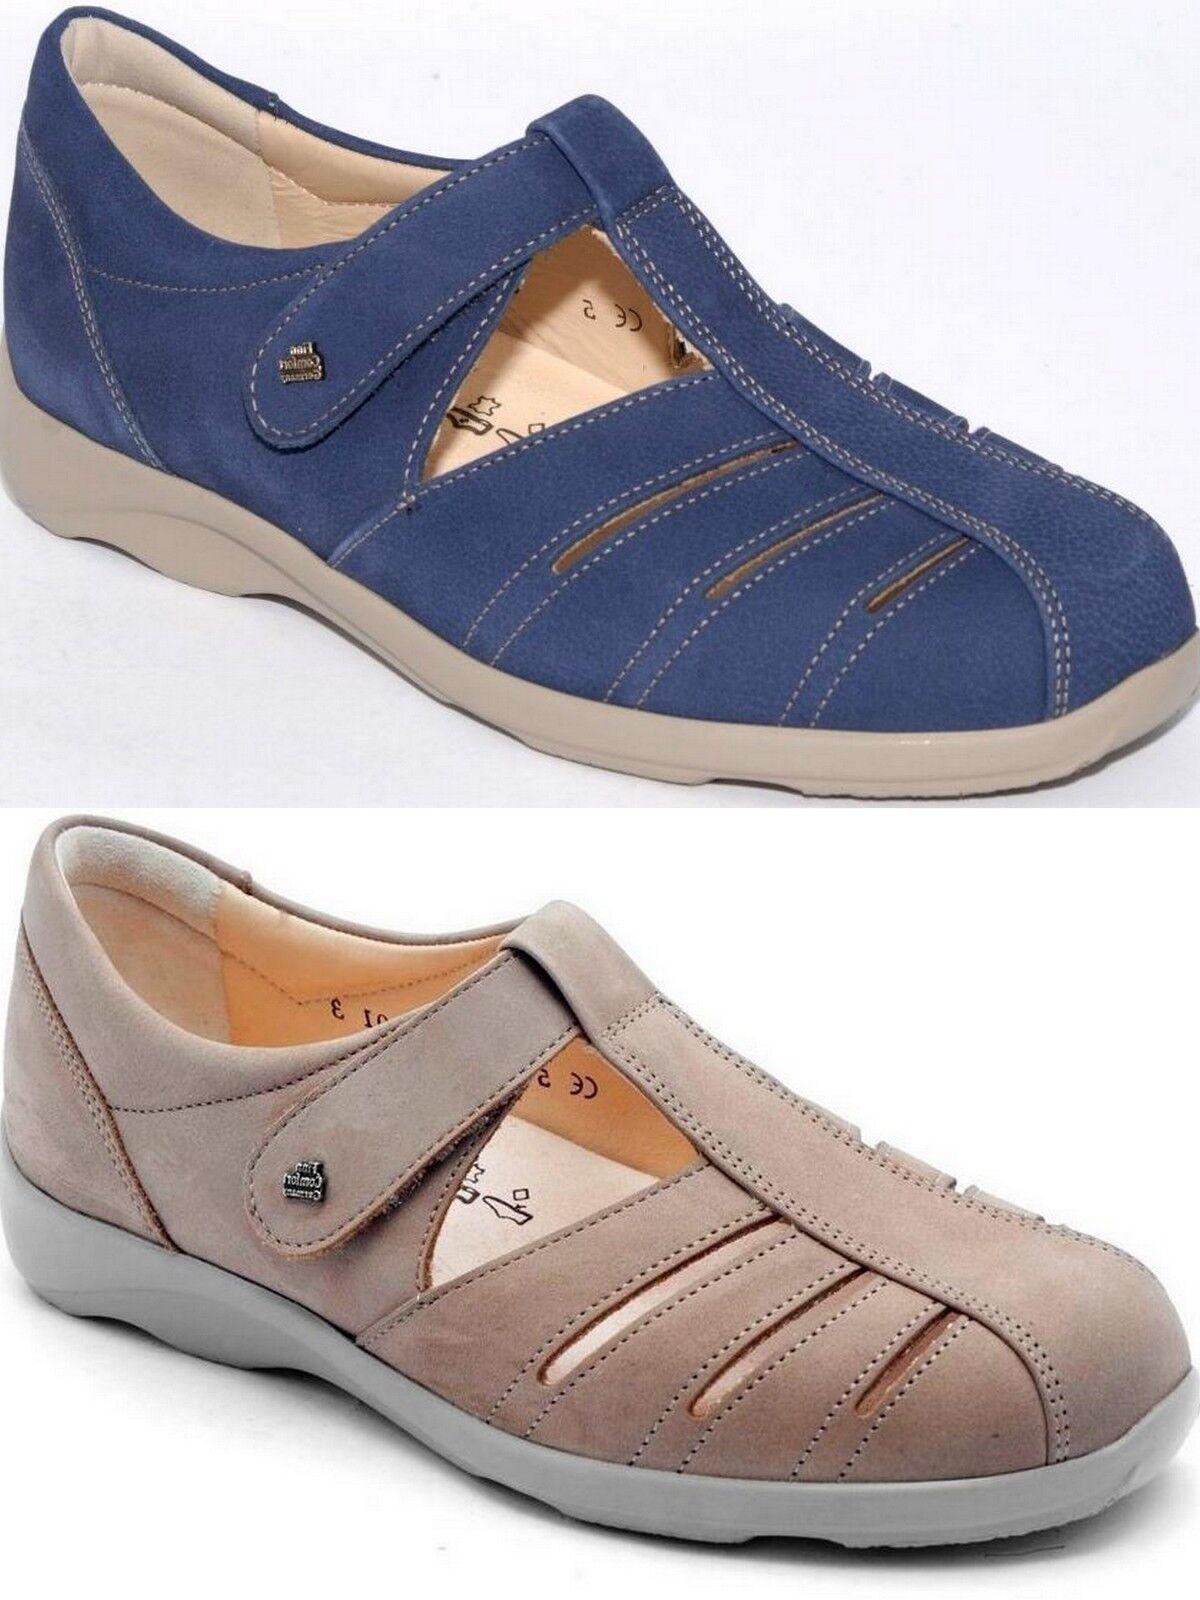 ordina ora i prezzi più bassi Finn Comfort cres-s Donna scarpe leather finncomfort Extra Extra Extra Wide Width  in vendita scontato del 70%